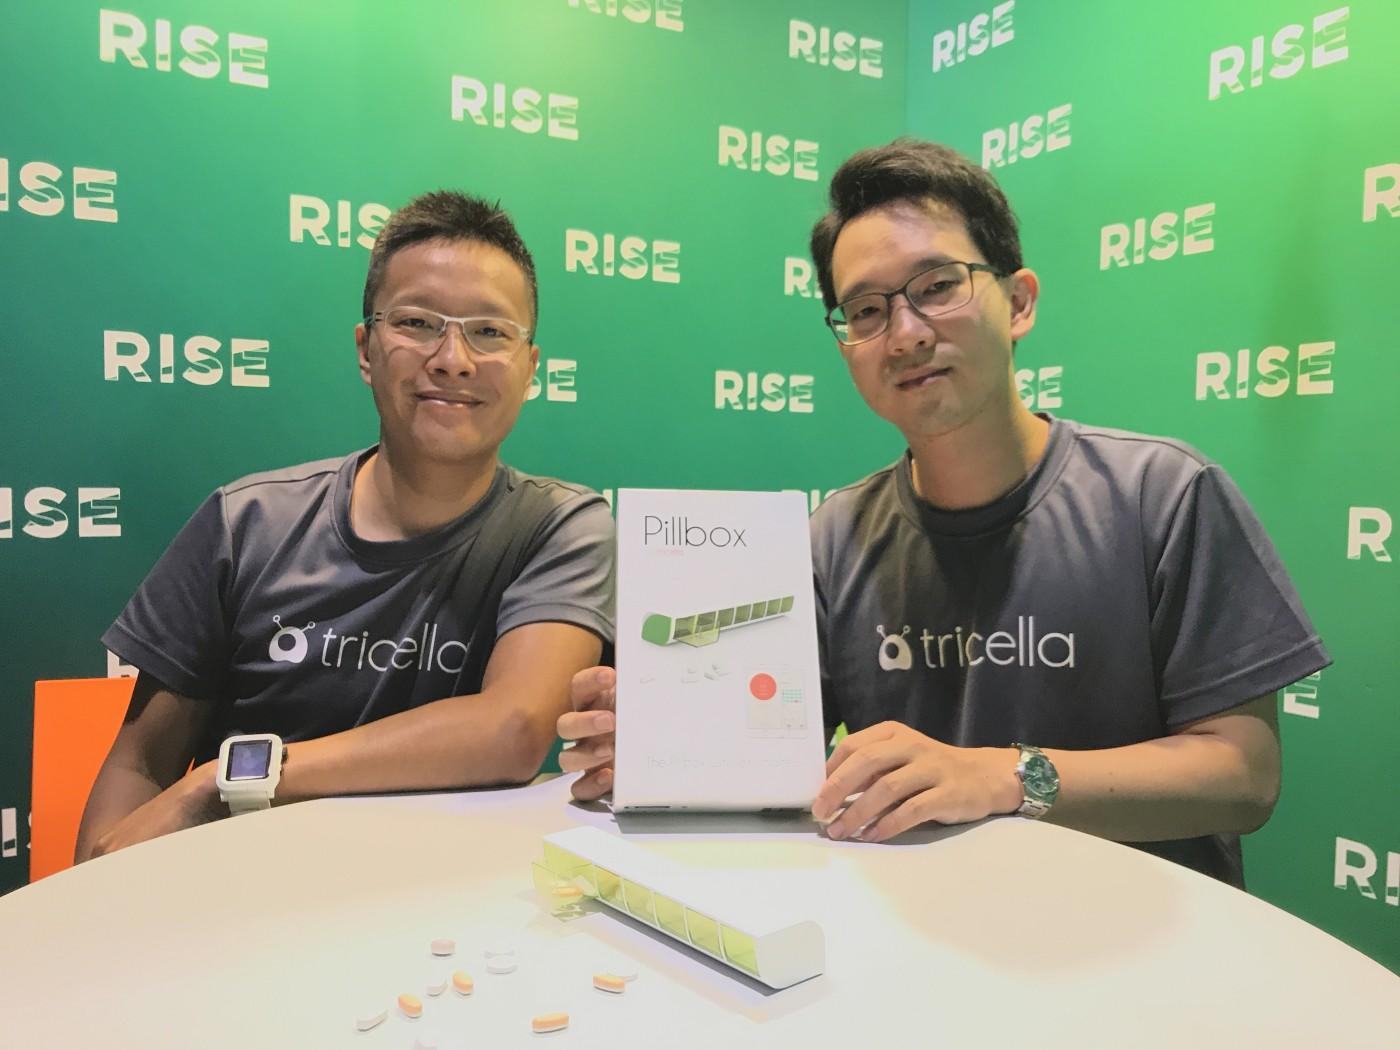 不只照顧用戶也貼心家人 懷有善念的設計:Tricella智慧藥盒Pillbox